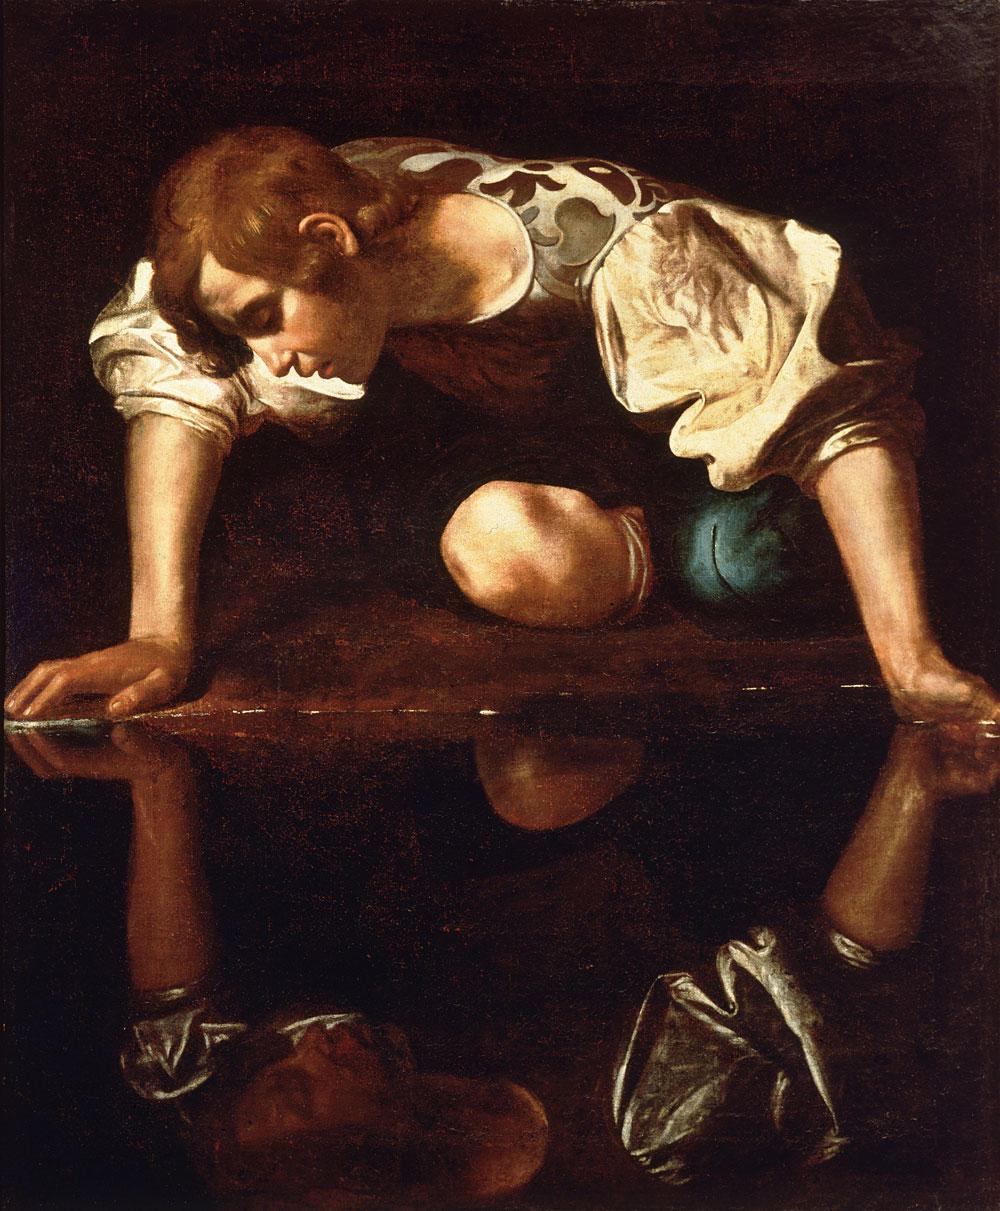 Michelangelo Merisi da Caravaggio: Narciso (1597-99) óleo sobre lienzo, Galería Nacional de Arte Antiguo, Roma.